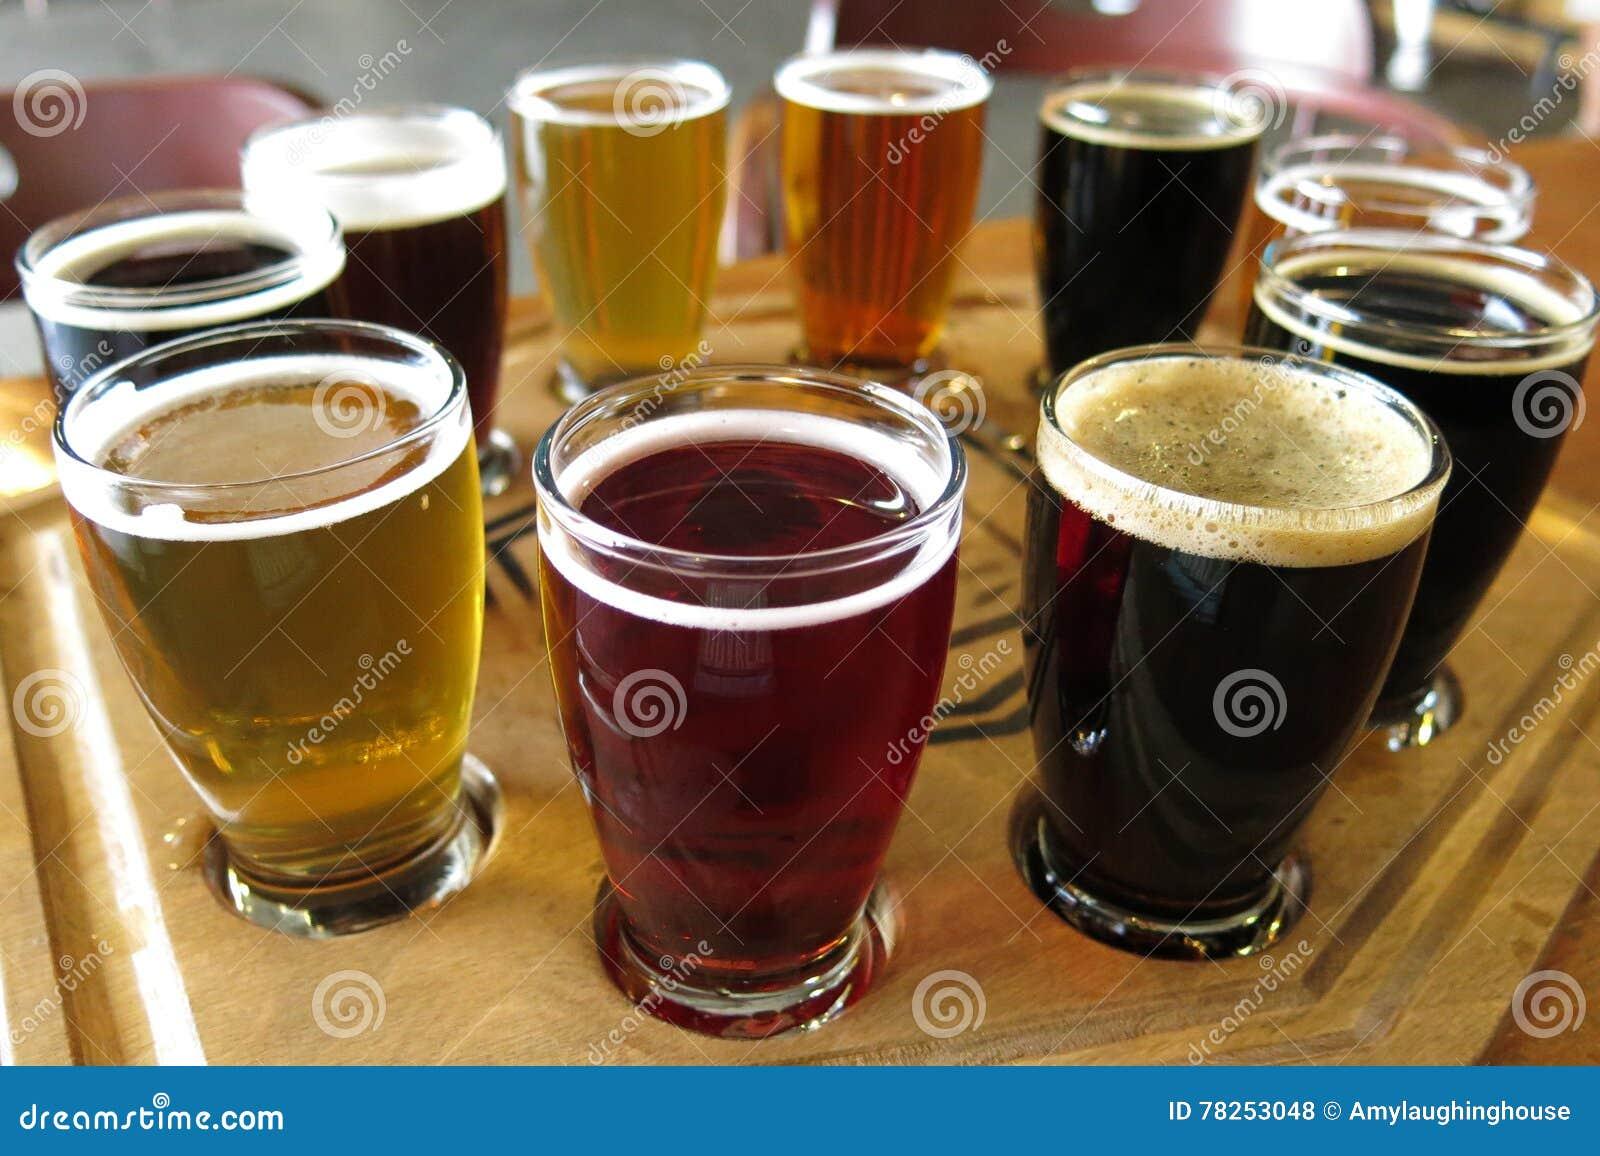 Πτήση δοκιμής μπύρας της μπύρας σχεδίων μπύρας τεχνών μπυρών